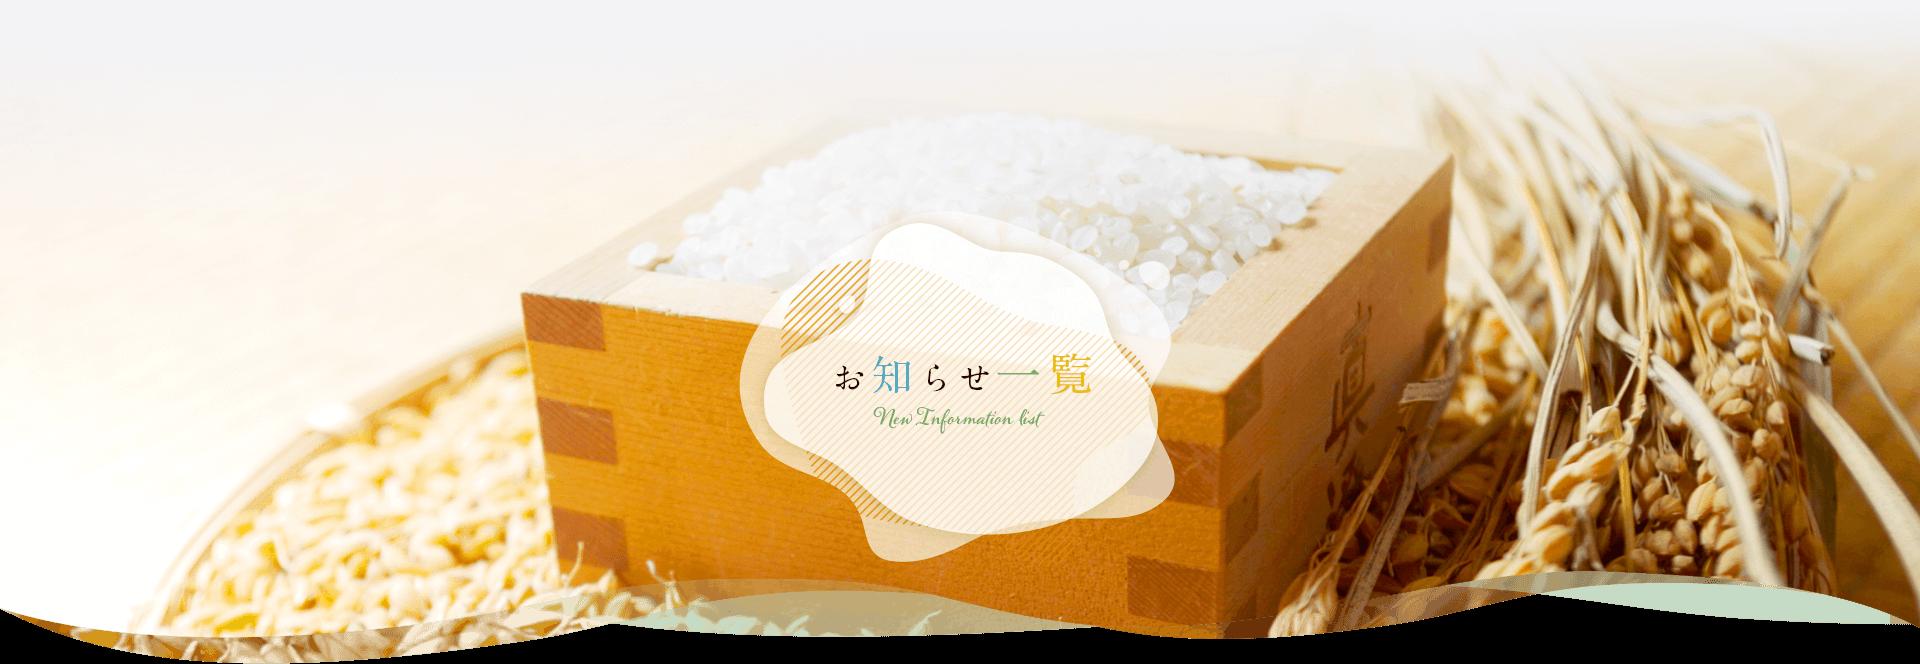 お知らせ一覧|米油から健康的に【三和油脂株式会社】